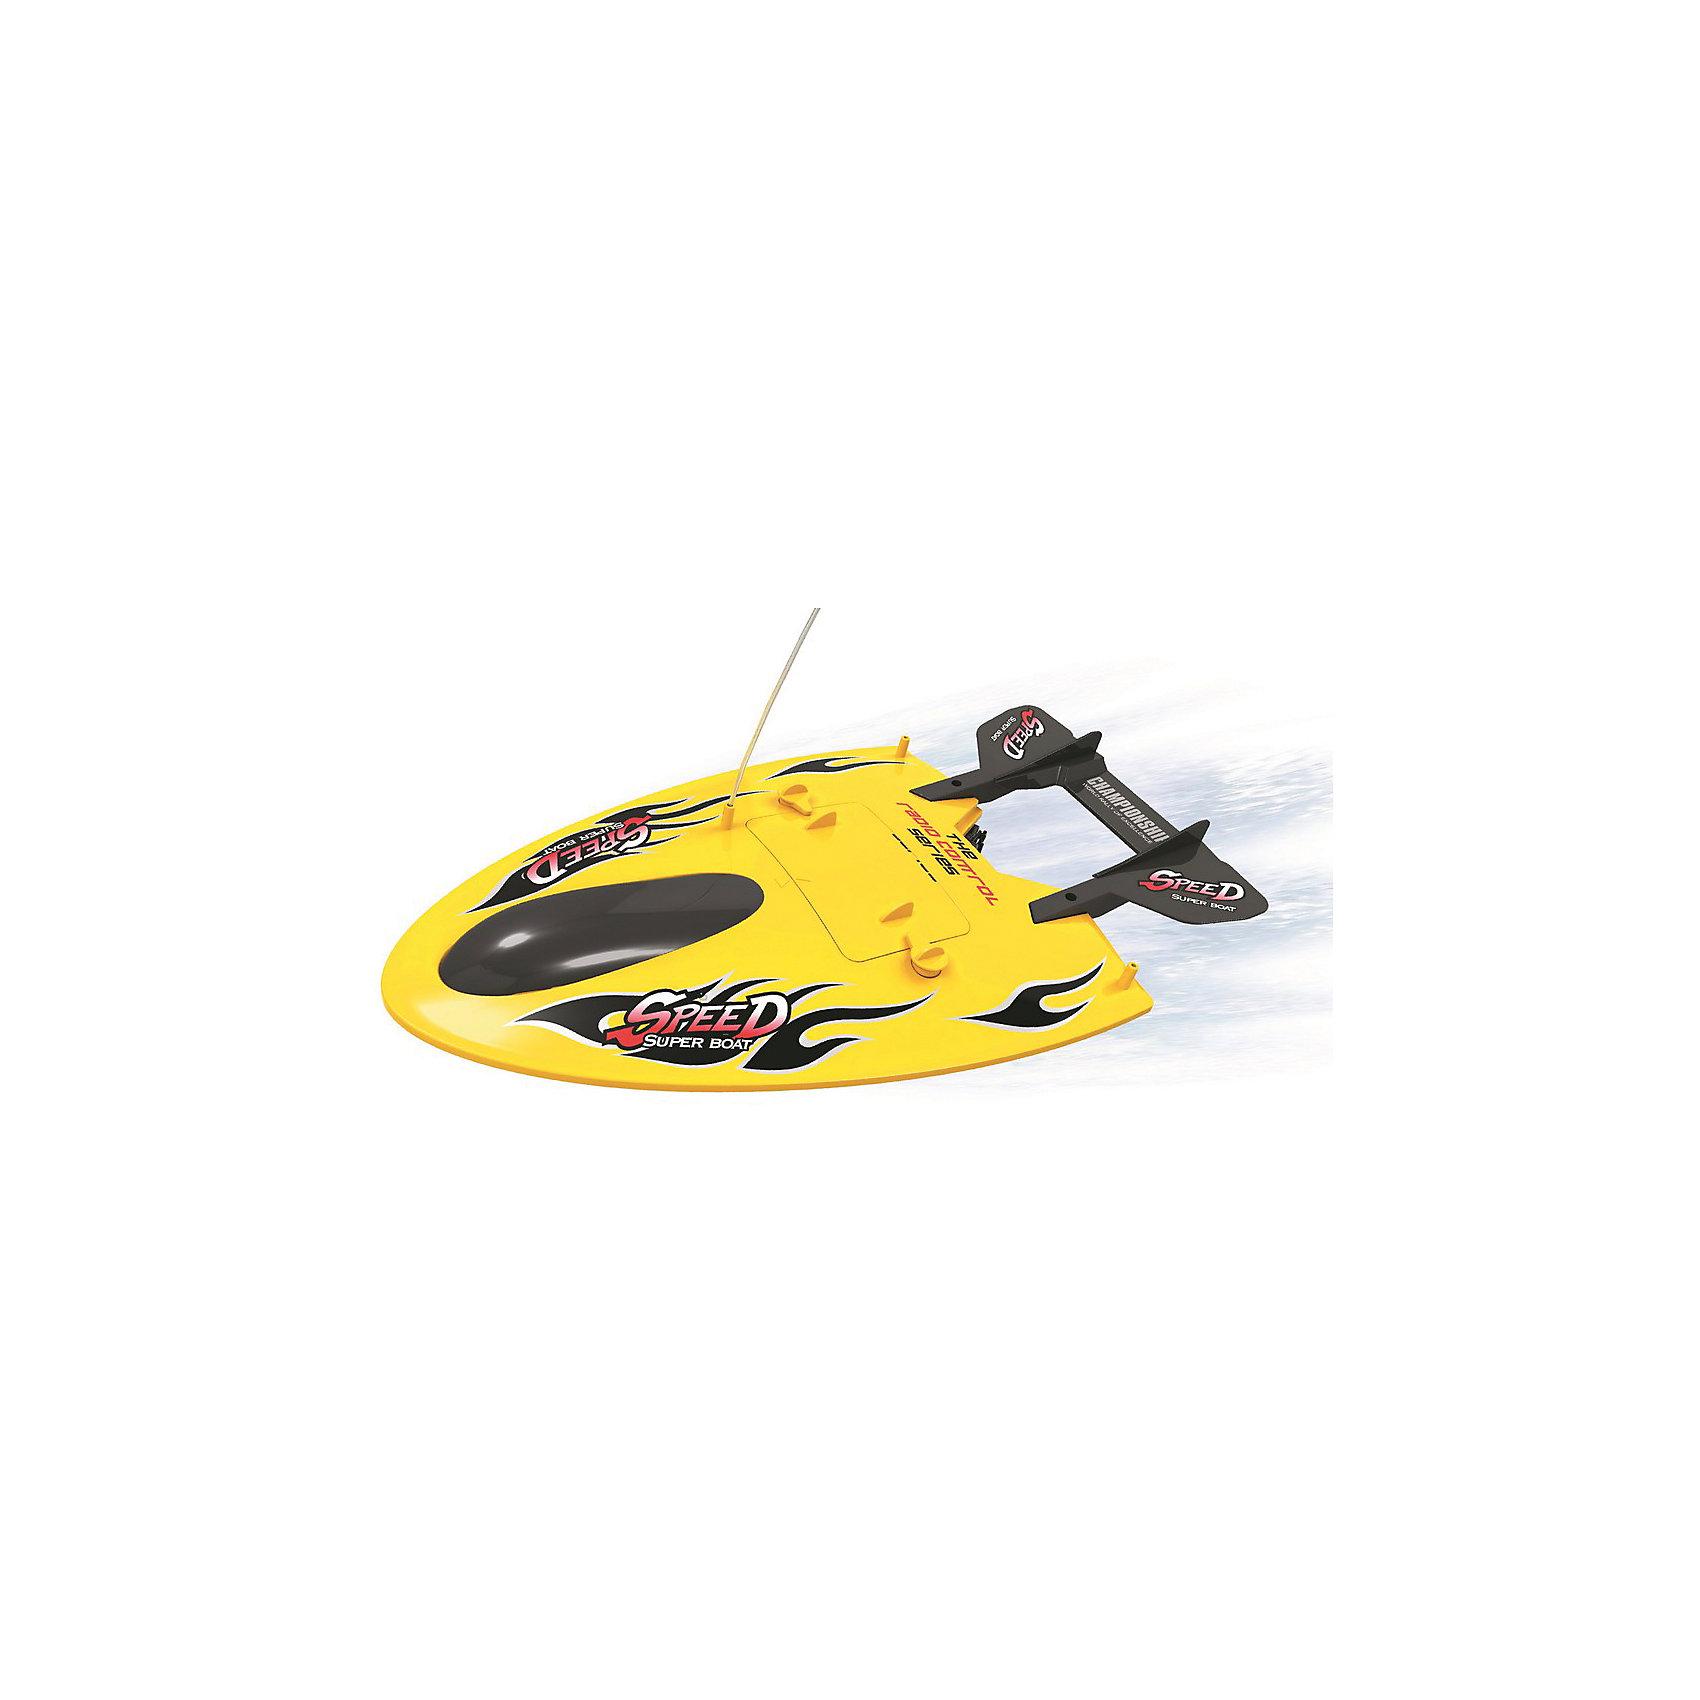 Гоночный ныряющий катер на р/у Чемпионат 1:14, желтый, Властелин небесРадиоуправляемый транспорт<br>Гоночный ныряющий катер на р/у Чемпионат 1:14, желтый, Властелин небес<br><br>Характеристики:<br><br>• дальность действия до 25 метров<br>• не пропускает воду внутрь<br>• ездит влево, вправо, вперёд и назад<br>• частота: 27 МГц<br>• размер катера: 43х25 см<br>• размер упаковки: 47х29х14 см<br>• вес: 1001 грамм<br>• в комплекте: катер, пульт управления, аккумулятор, зарядное устройство<br>• батарейки: АА - 2 шт. (не входят в комплект)<br>• цвет: желтый<br><br>Катер Чемпионат - настоящий подарок для любителей гонок на воде! Игрушка управляется с помощью пульта и отлично выполняет команды. Катер может ездить вперед, назад, влево и вправо. Большая дальность действия (до 25 метров) позволит вам устраивать самые долгие заплывы. Корпус изготовлен из прочного пластика. Он не пропускает воду внутрь во избежание повреждений. <br>Для работы необходимы две батарейки АА (не входят в комплект)<br><br>Гоночный ныряющий катер на р/у Чемпионат 1:14, желтый, Властелин небес можно купить в нашем интернет-магазине.<br><br>Ширина мм: 140<br>Глубина мм: 470<br>Высота мм: 290<br>Вес г: 2000<br>Возраст от месяцев: 96<br>Возраст до месяцев: 2147483647<br>Пол: Мужской<br>Возраст: Детский<br>SKU: 5397110